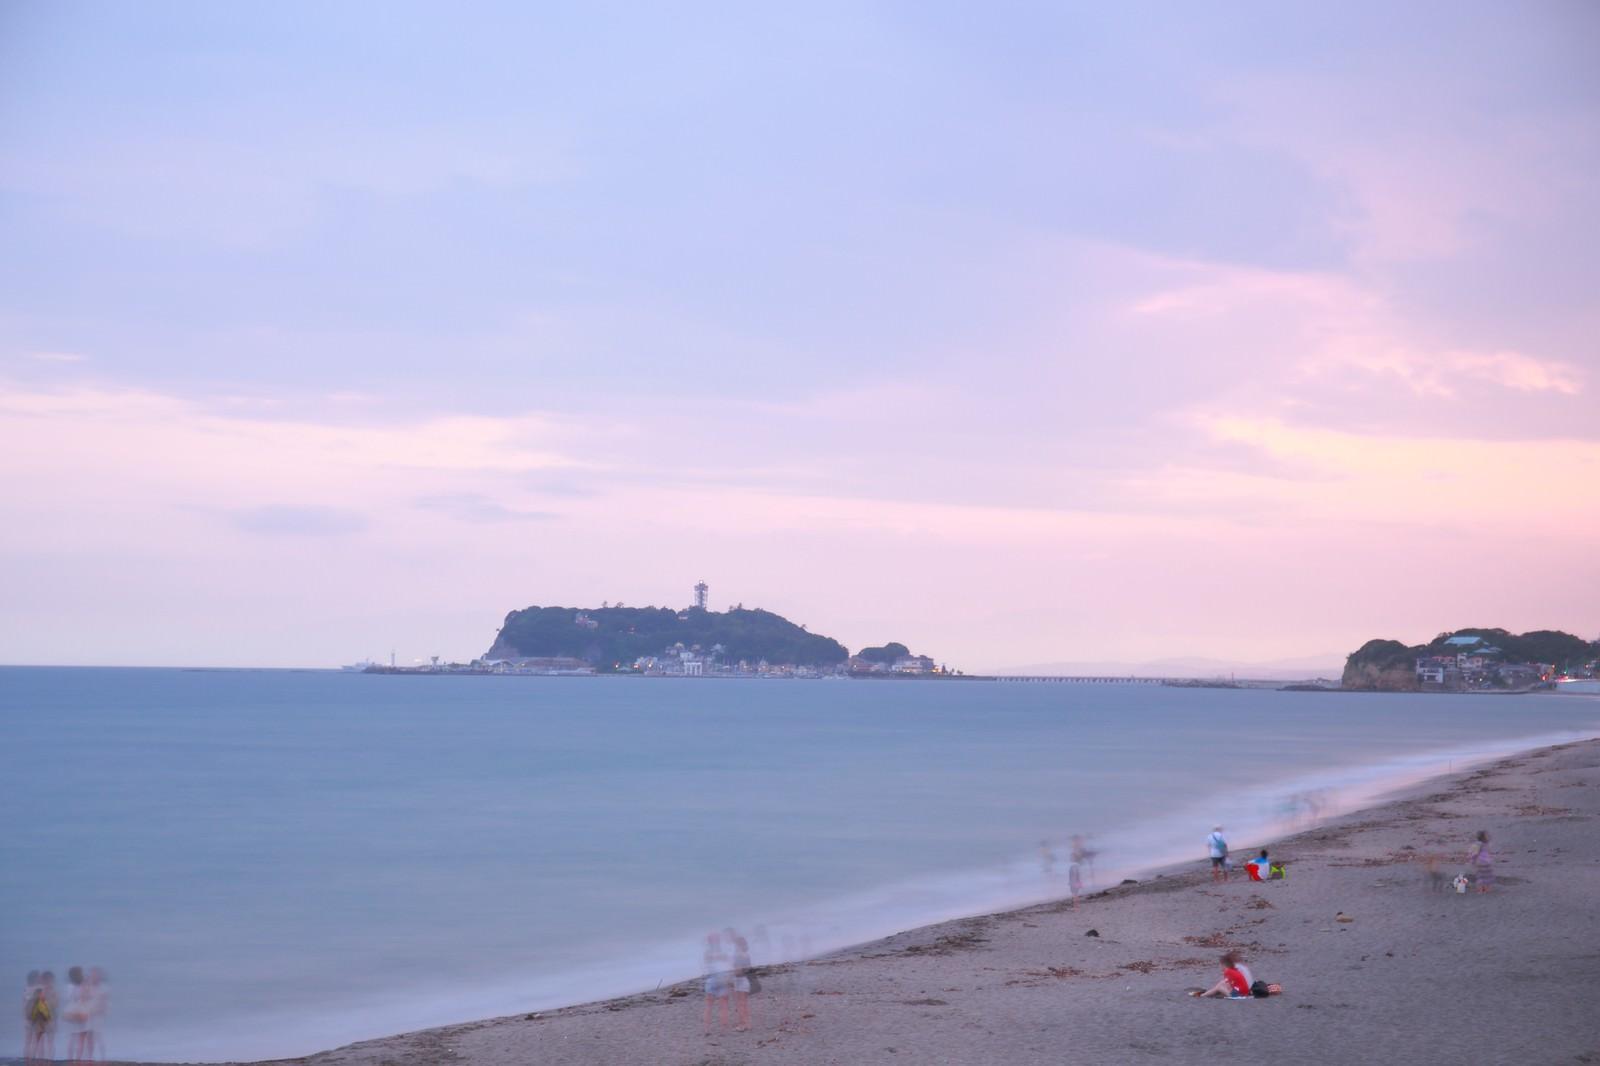 「夕焼けの江ノ島と砂浜で楽しむ人々」の写真